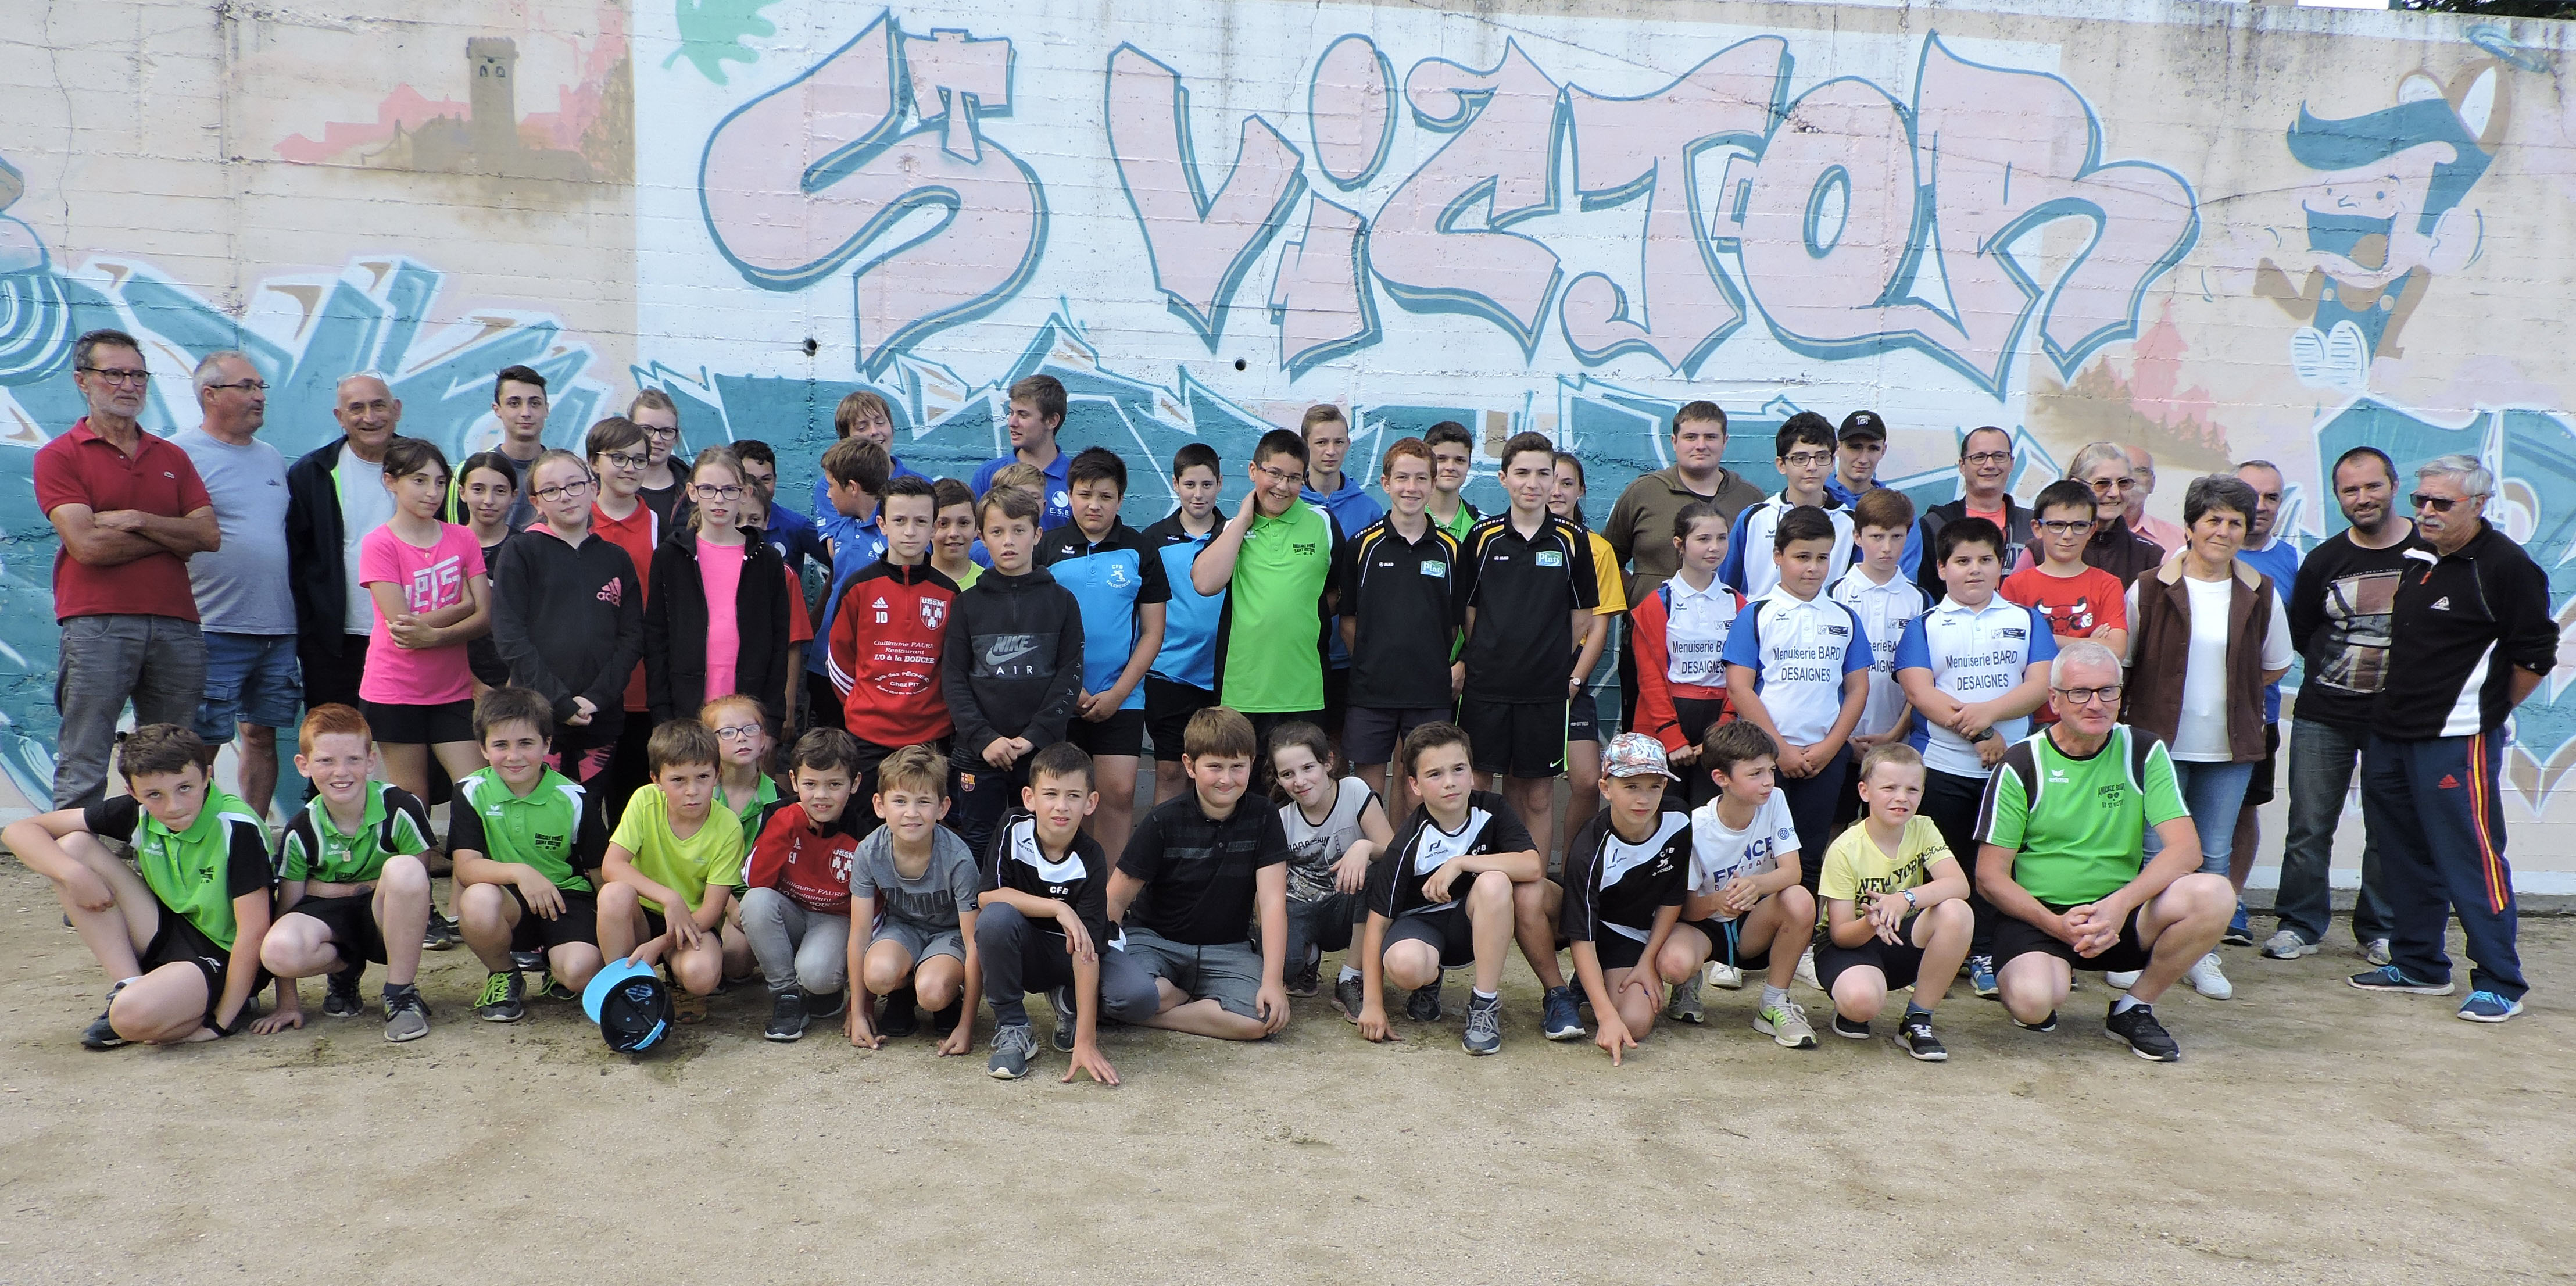 Concours de jeunes à Saint Victor